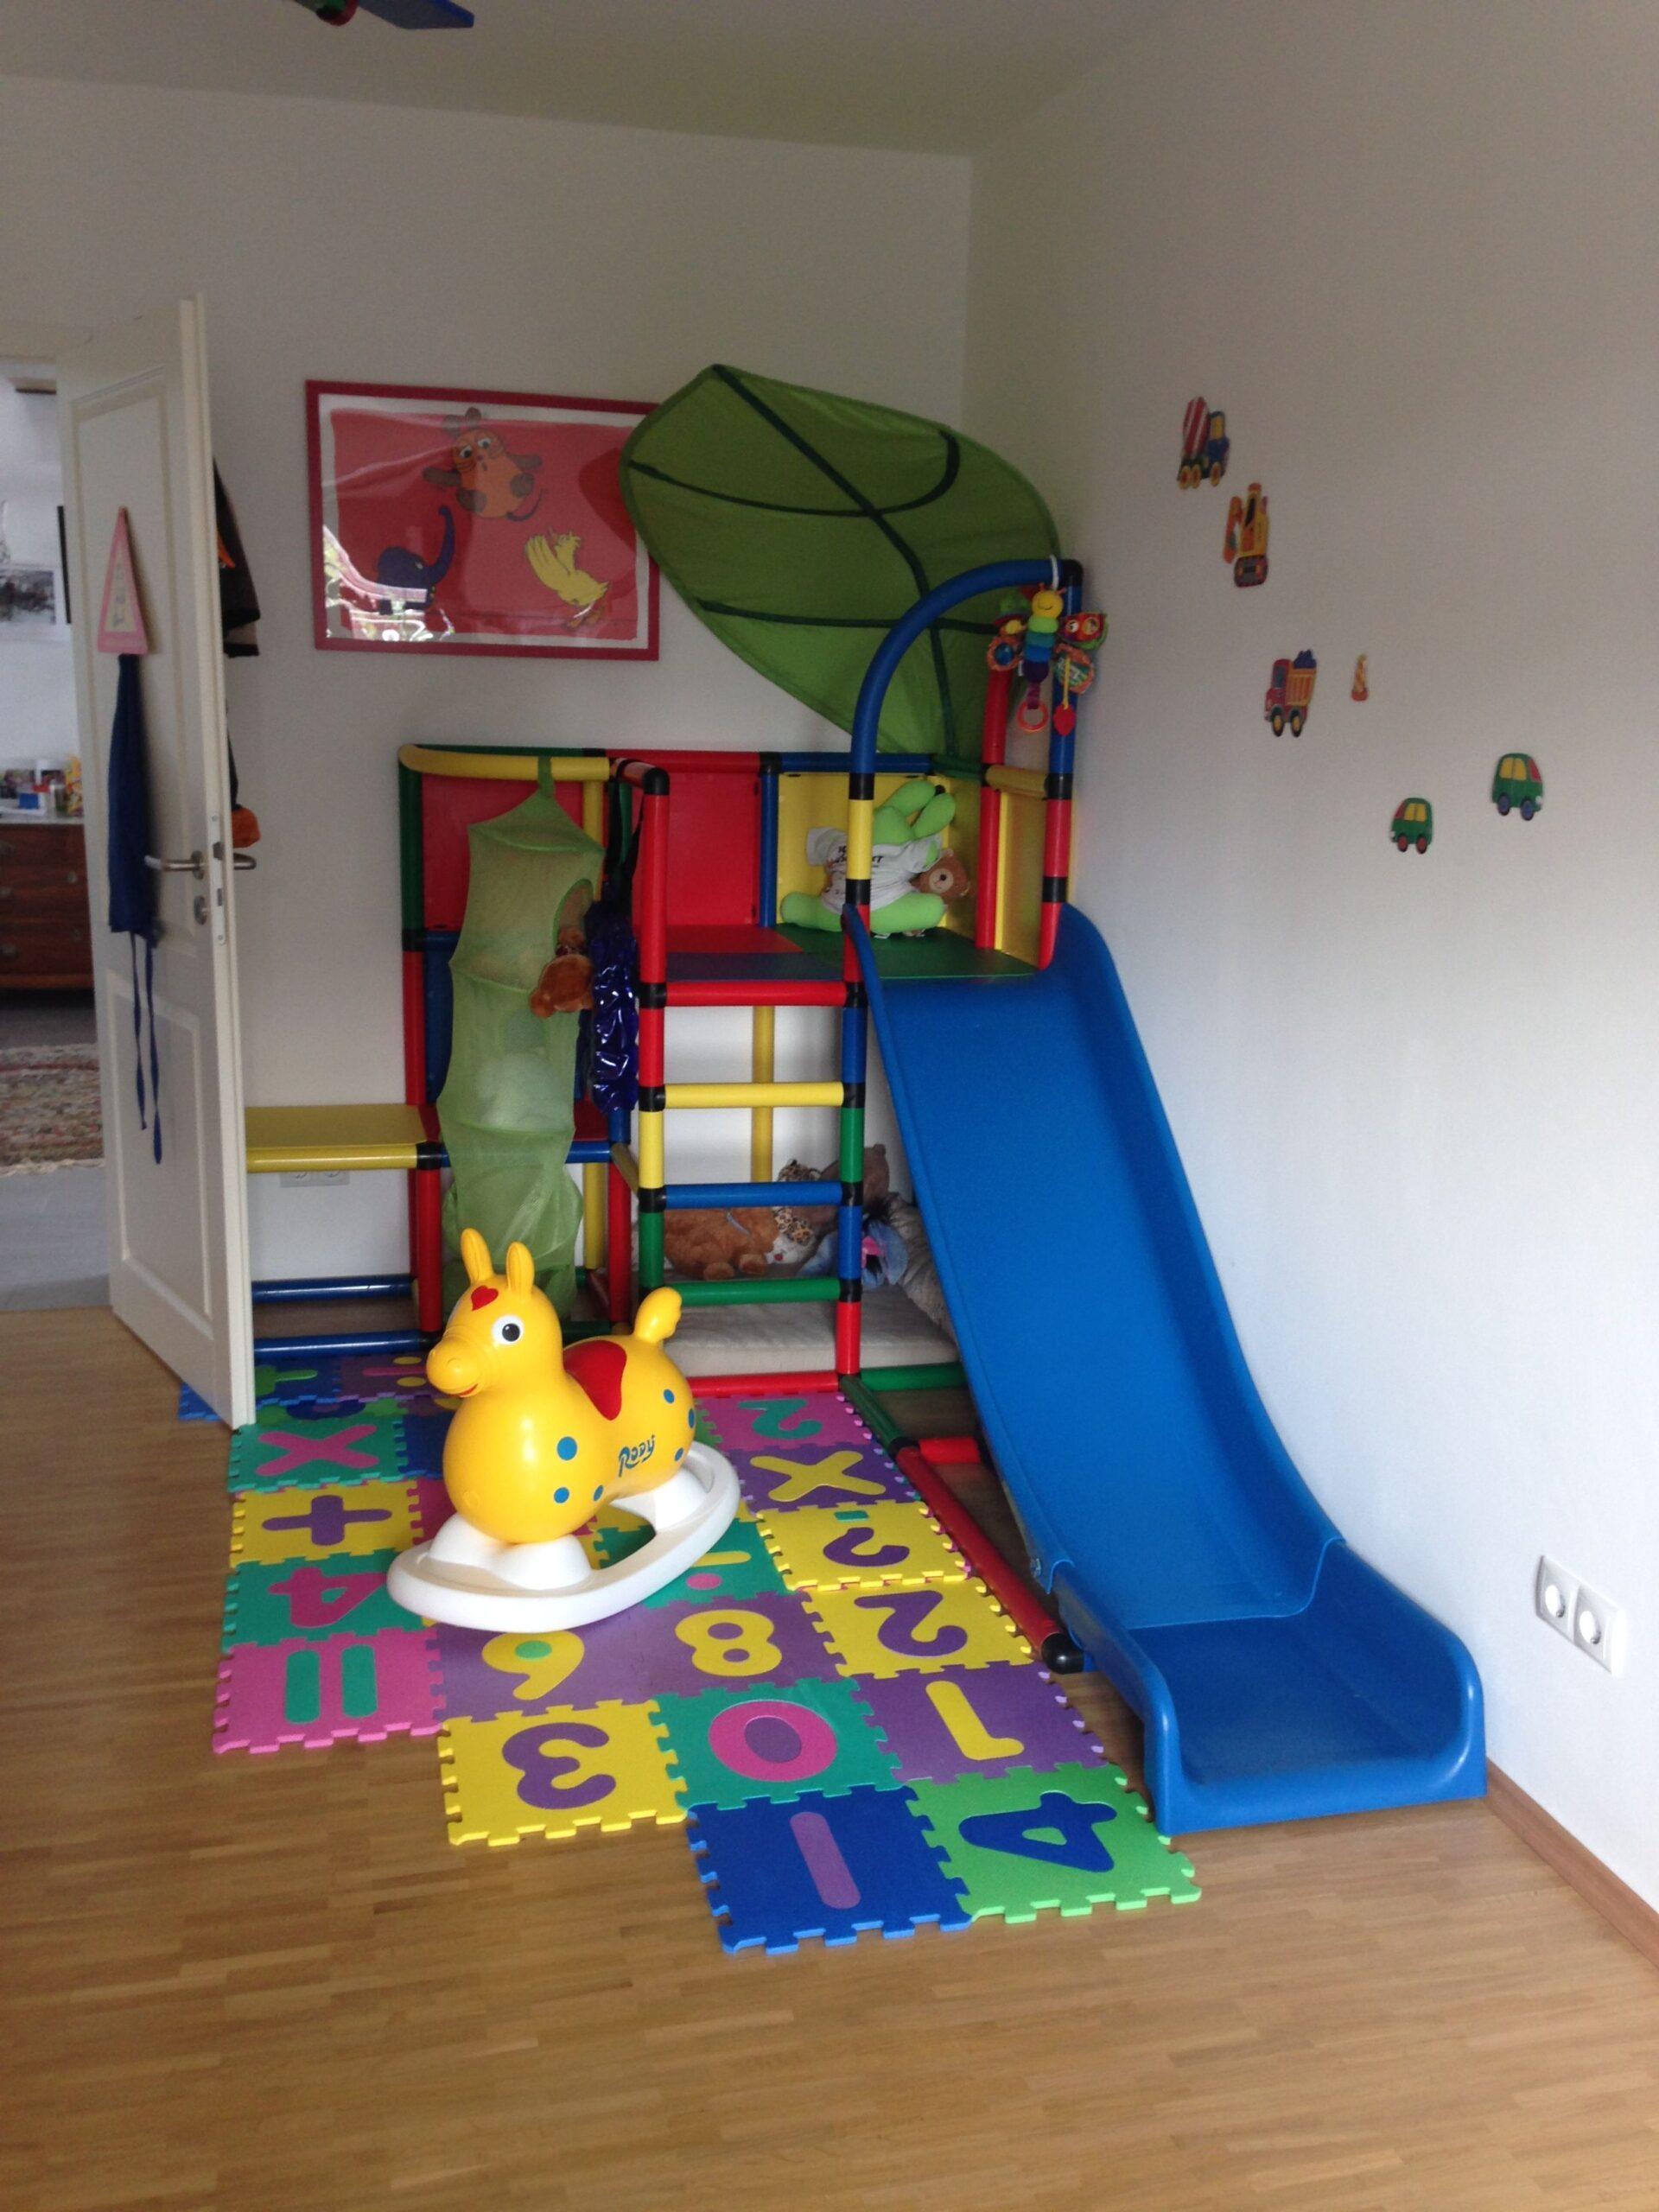 Full Size of Fr Mama Papa Kind Move Stic Quadro Klettergerst Und Klettergerüst Garten Wohnzimmer Klettergerüst Indoor Diy